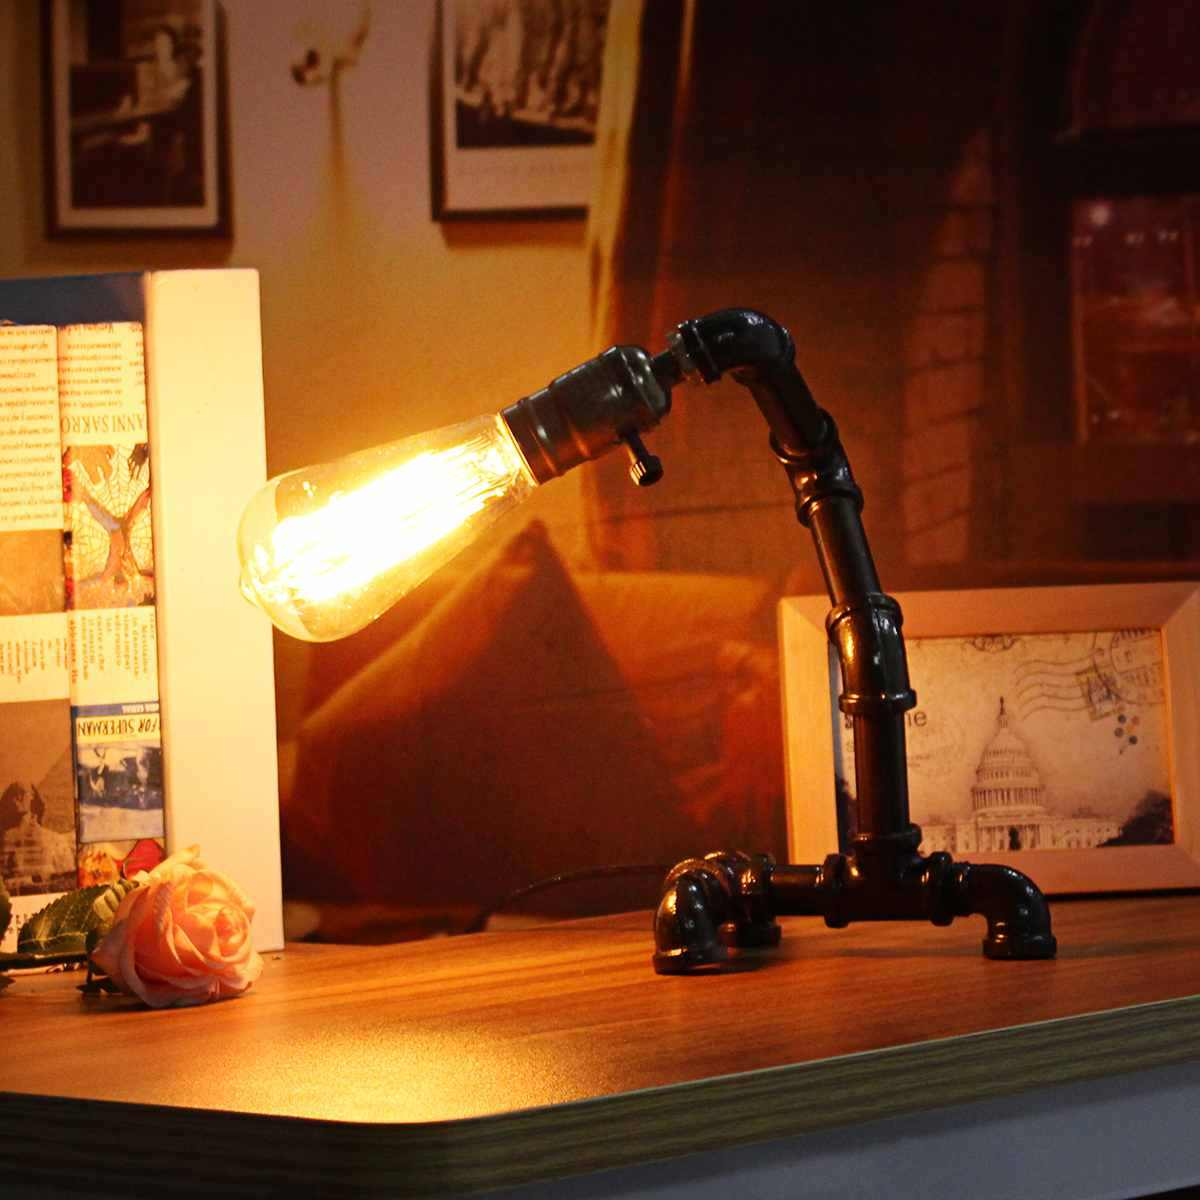 110-240 В винтажные промышленные трубные настольные лампы Светодиодный Настольные лампы для спальни Ночная книга для чтения Новинка Свет домашний Декор подарок